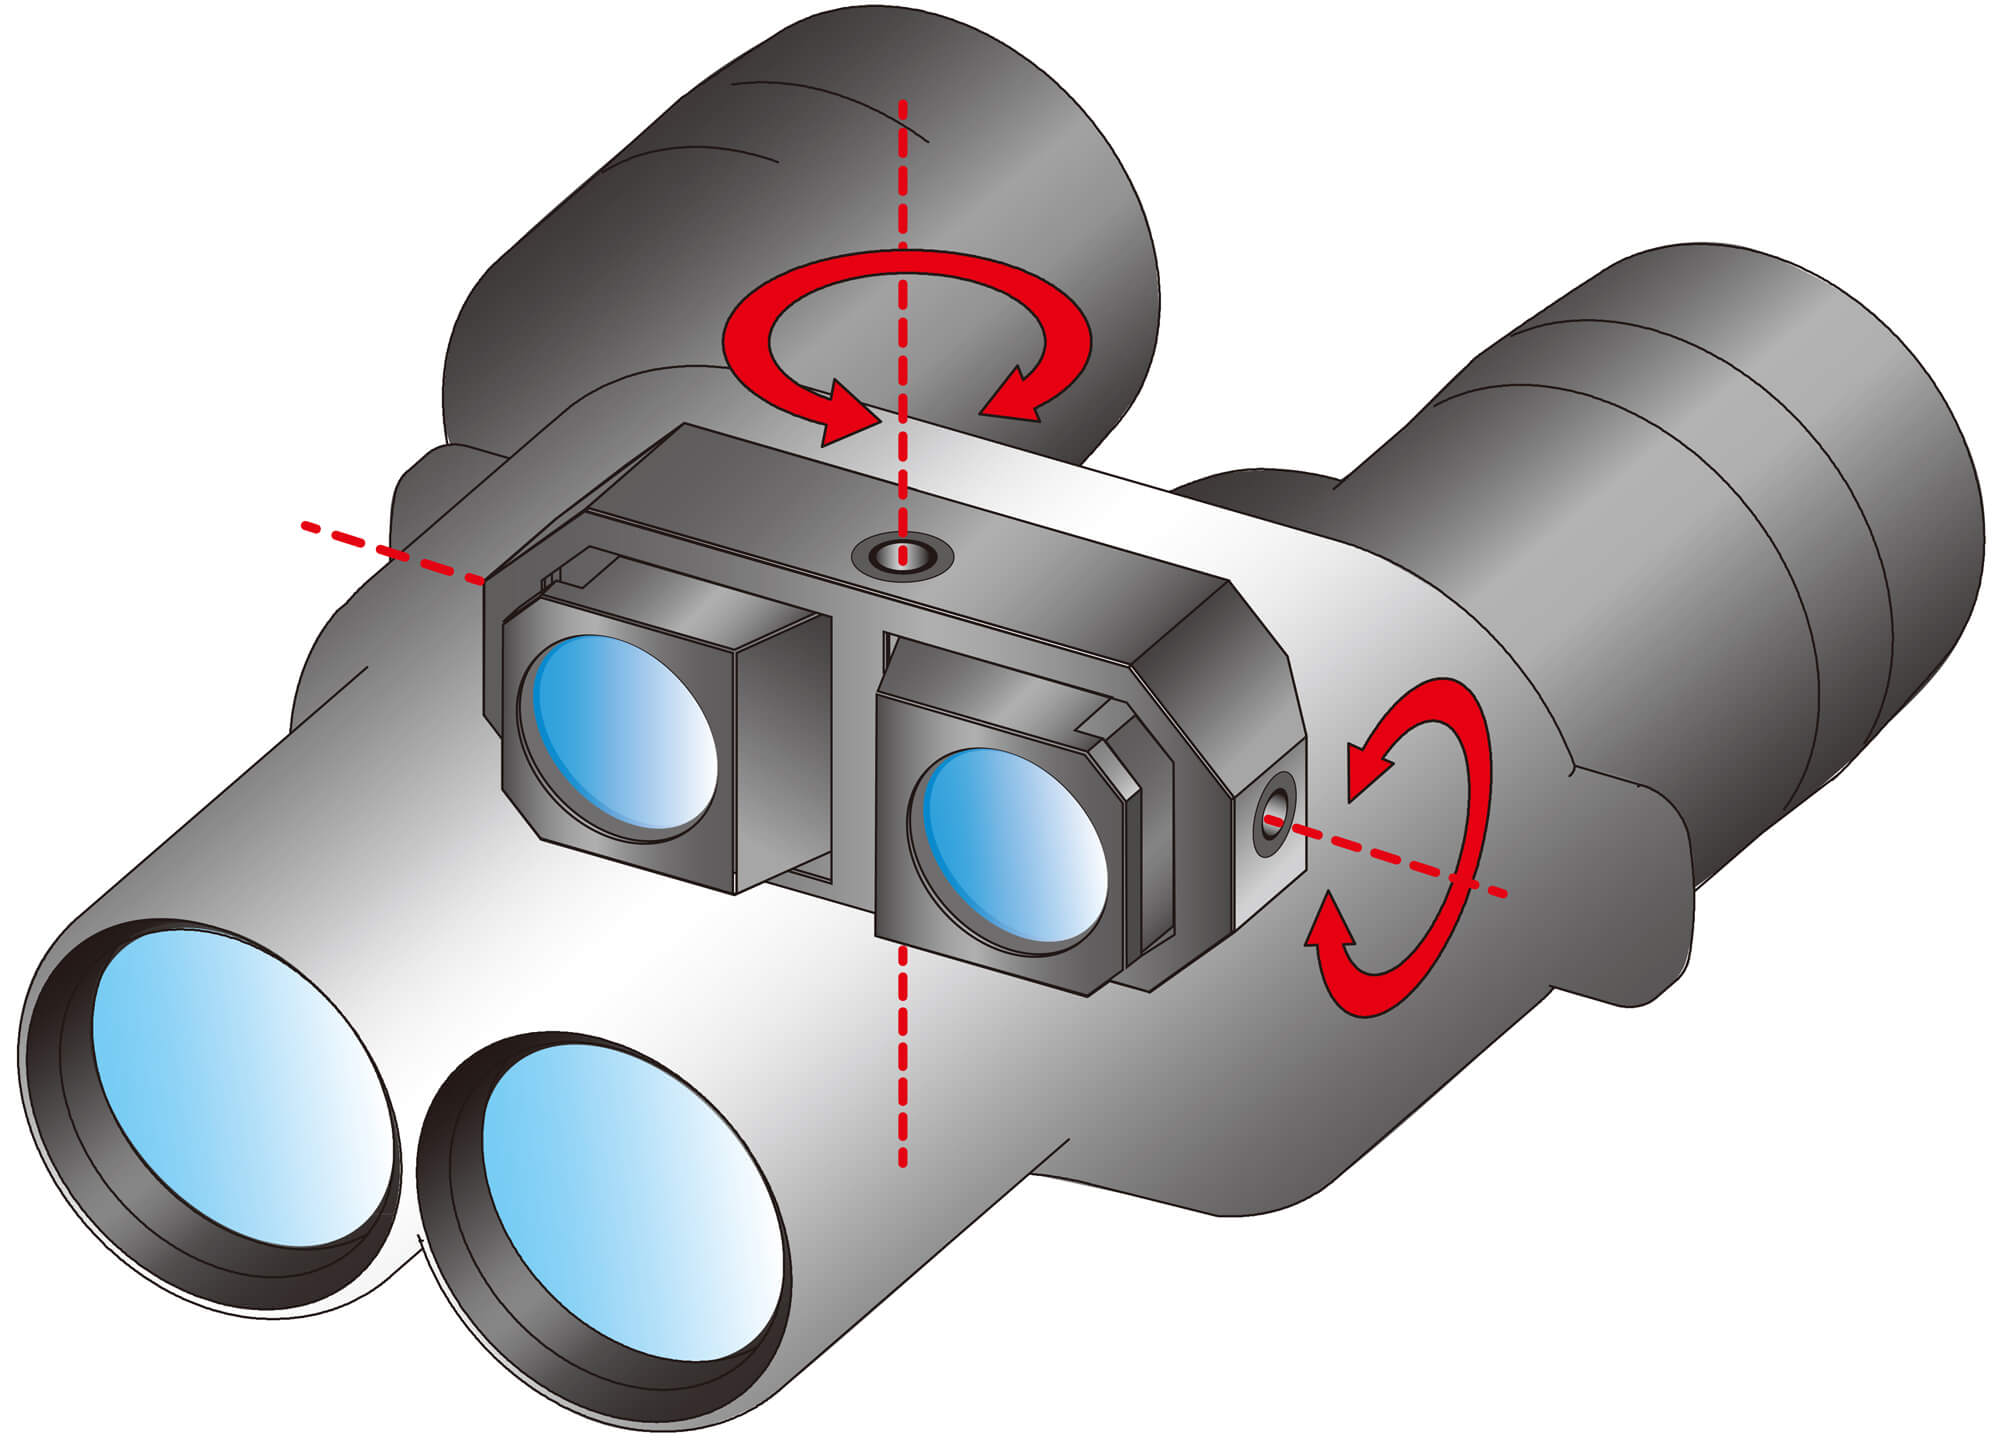 ケンコー Kenko VCスマート 光学式手ブレ補正機構